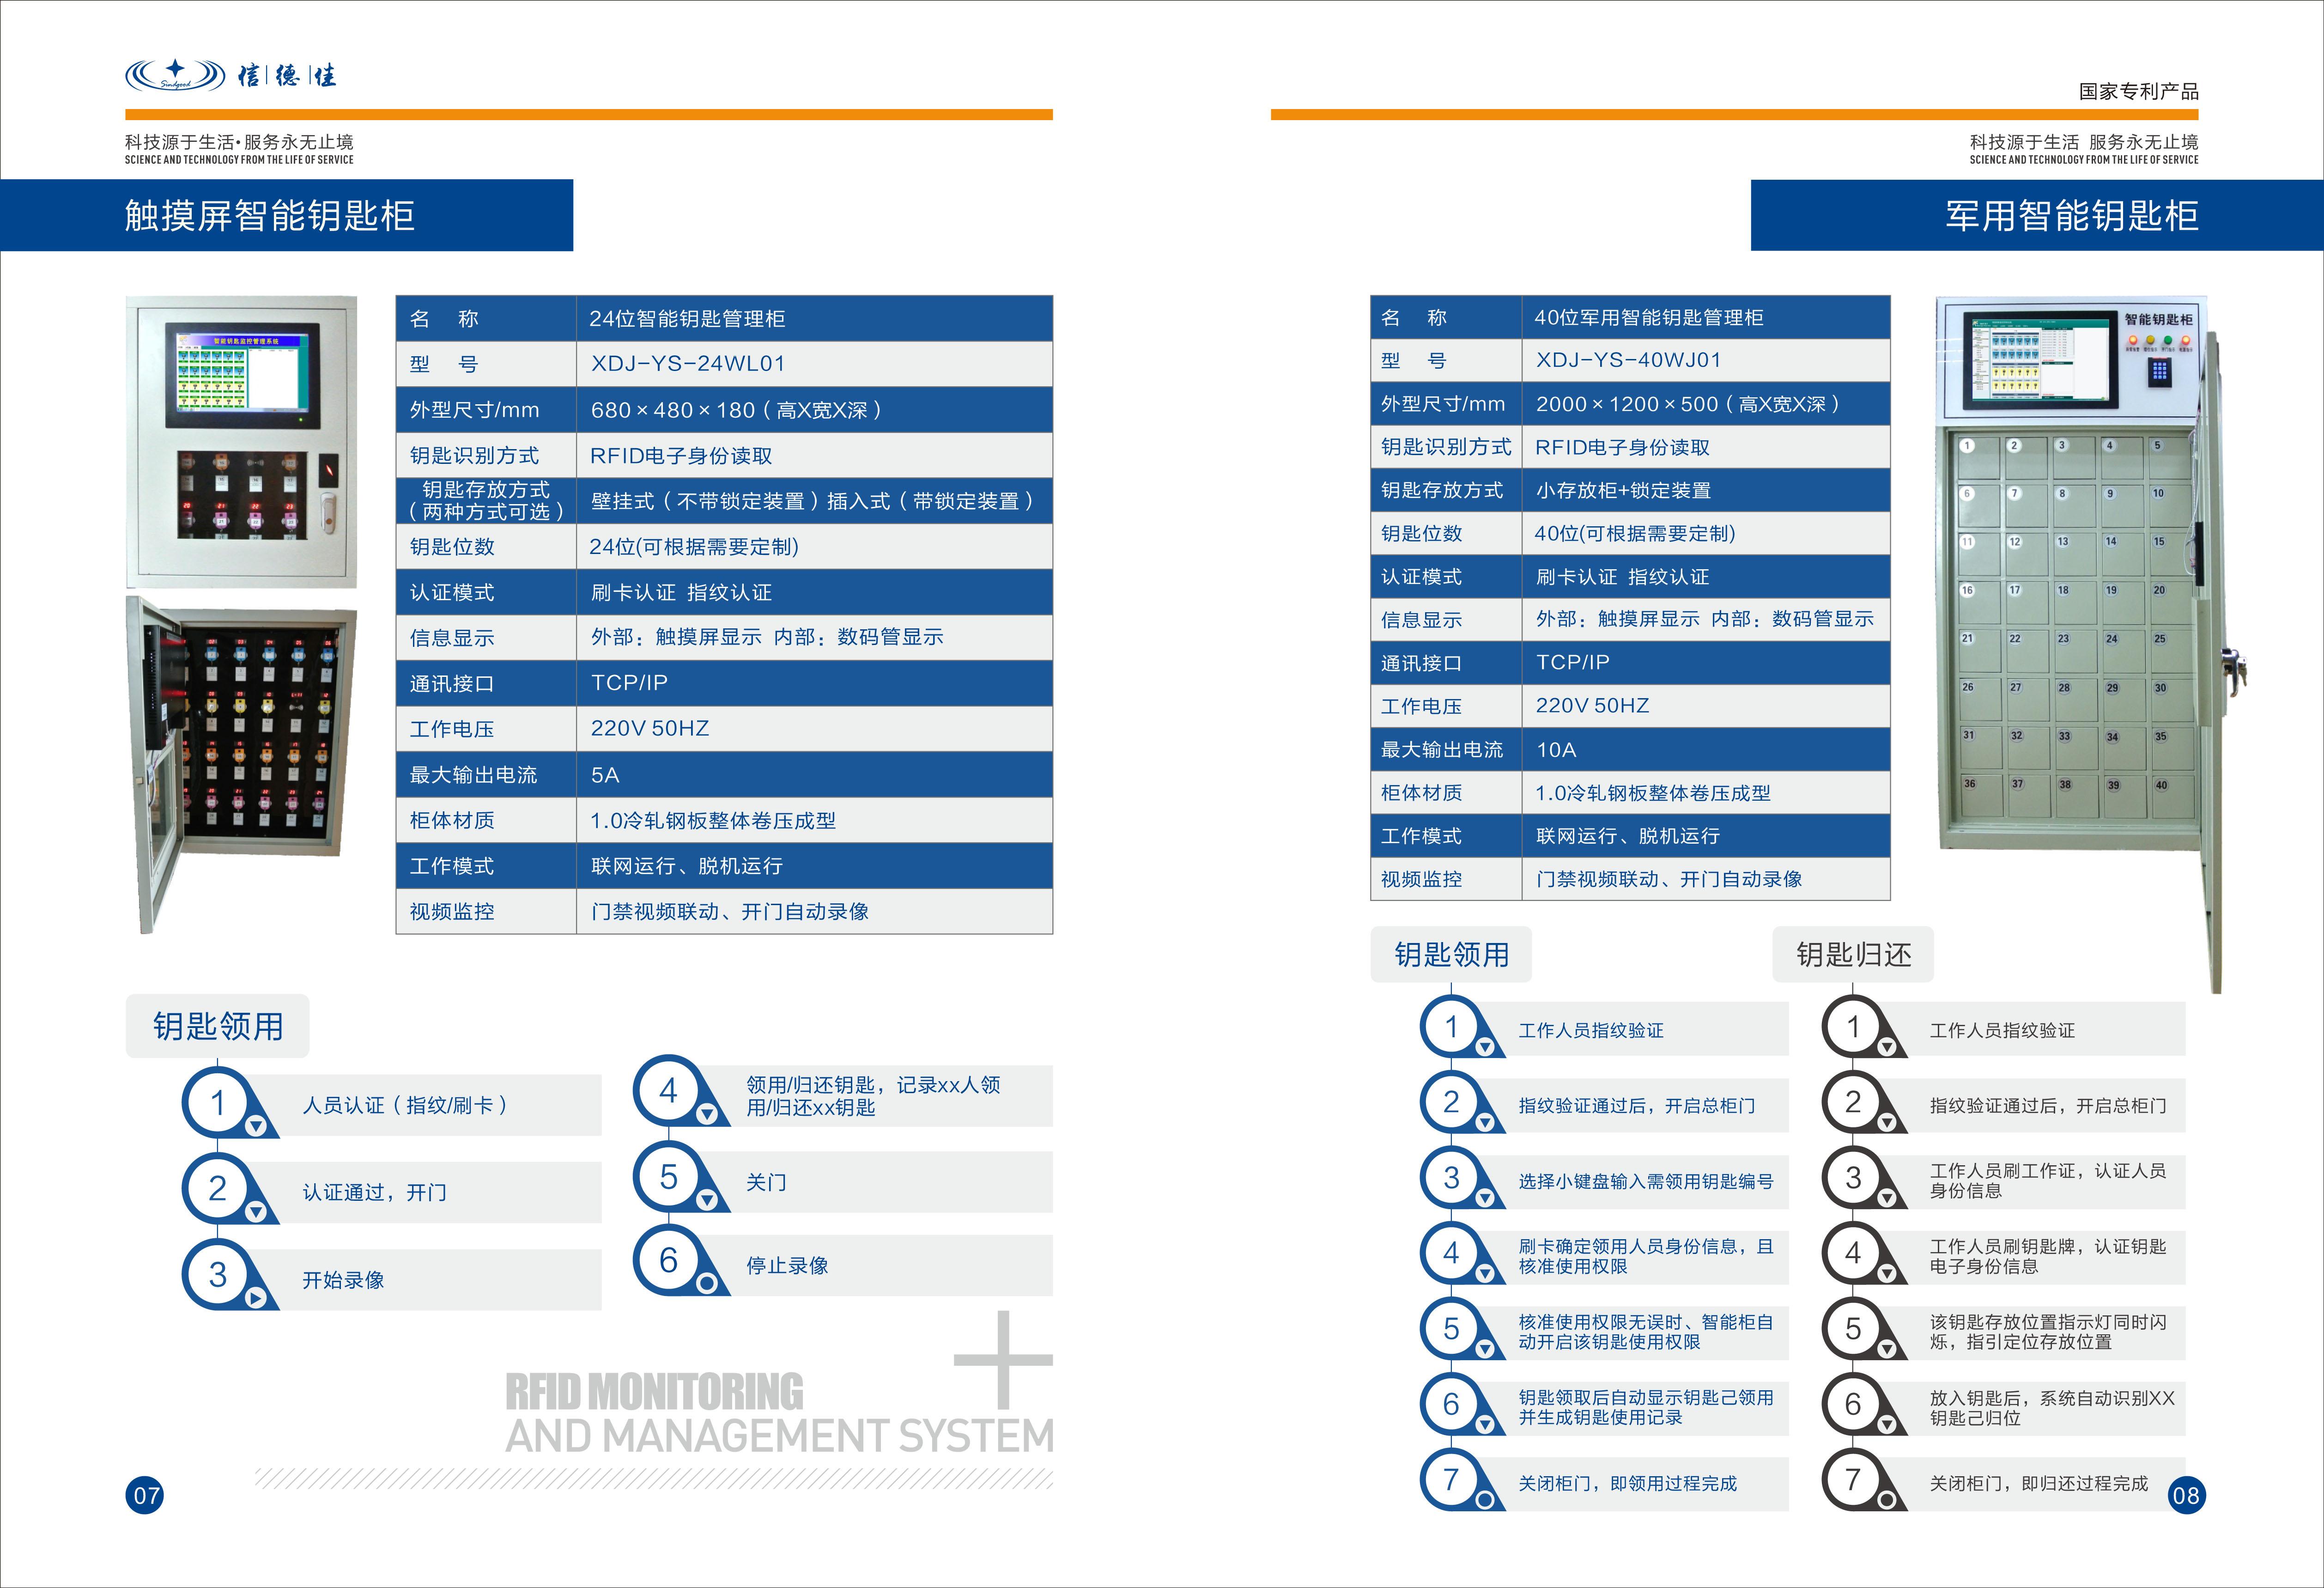 广告册-智能钥匙管理柜-5.jpg